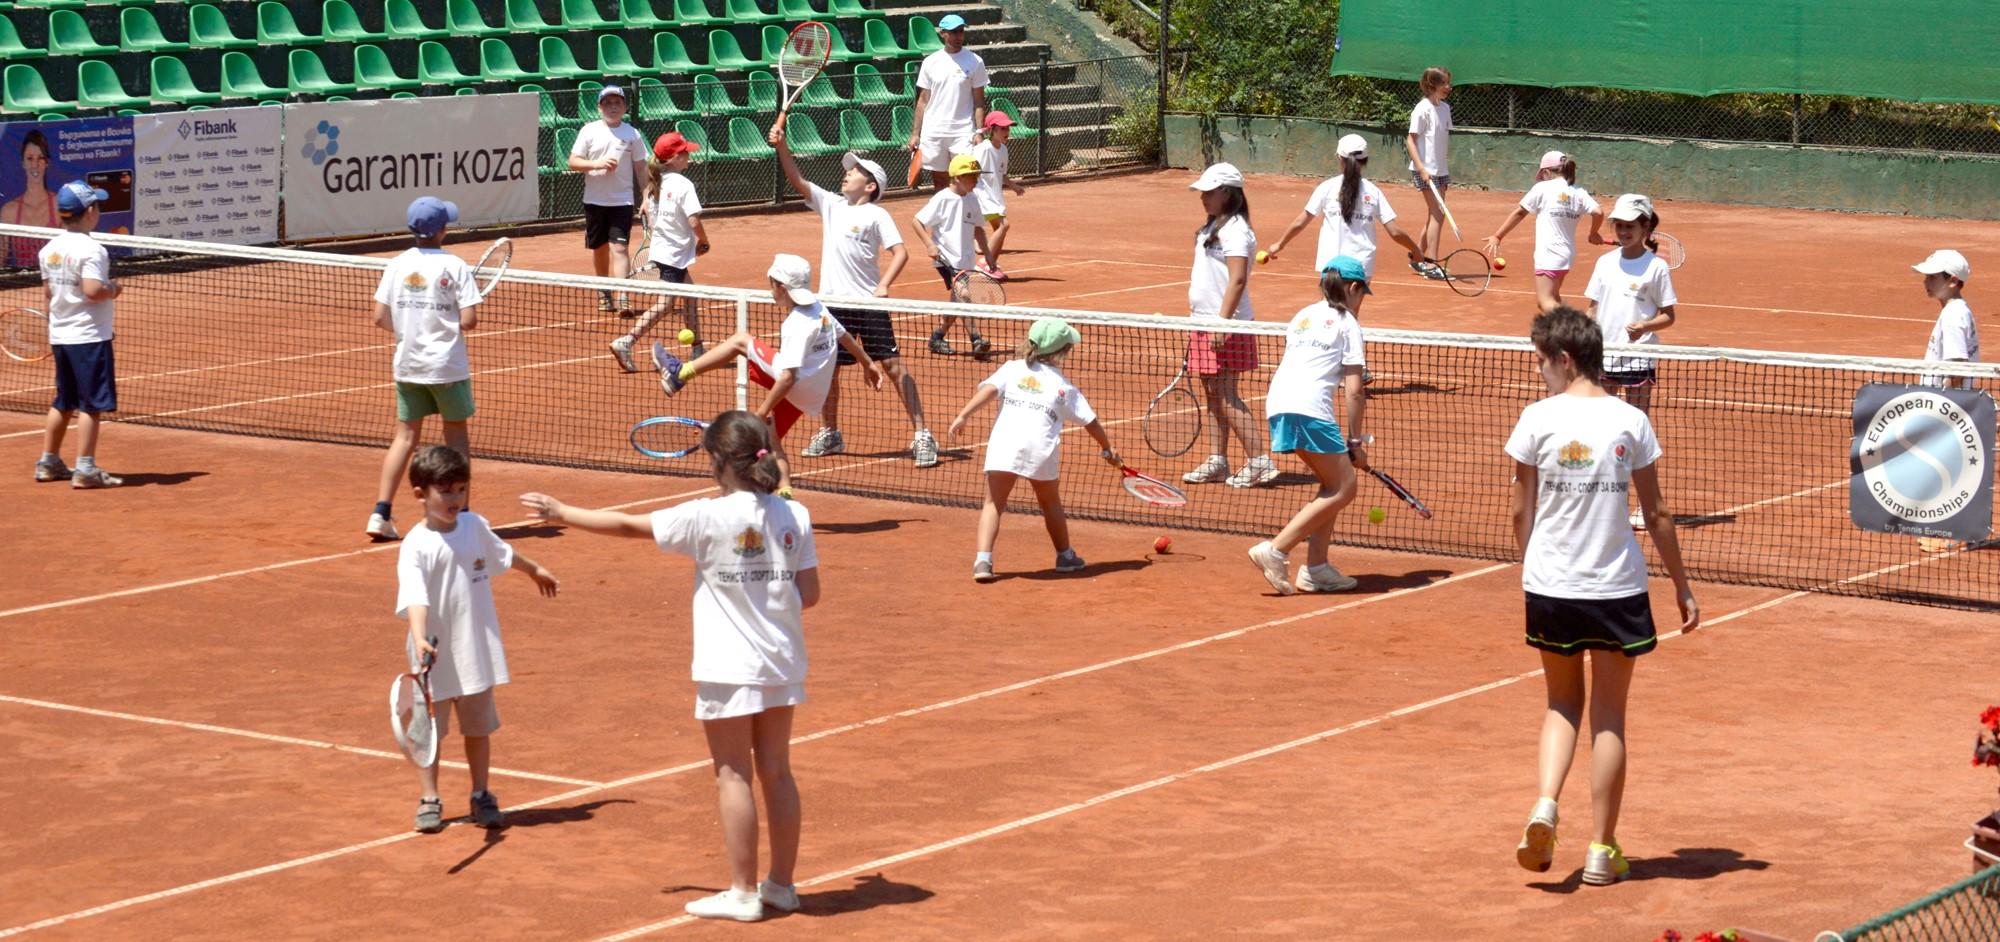 Списък на клубовете по програмата Тенисът - спорт за всички